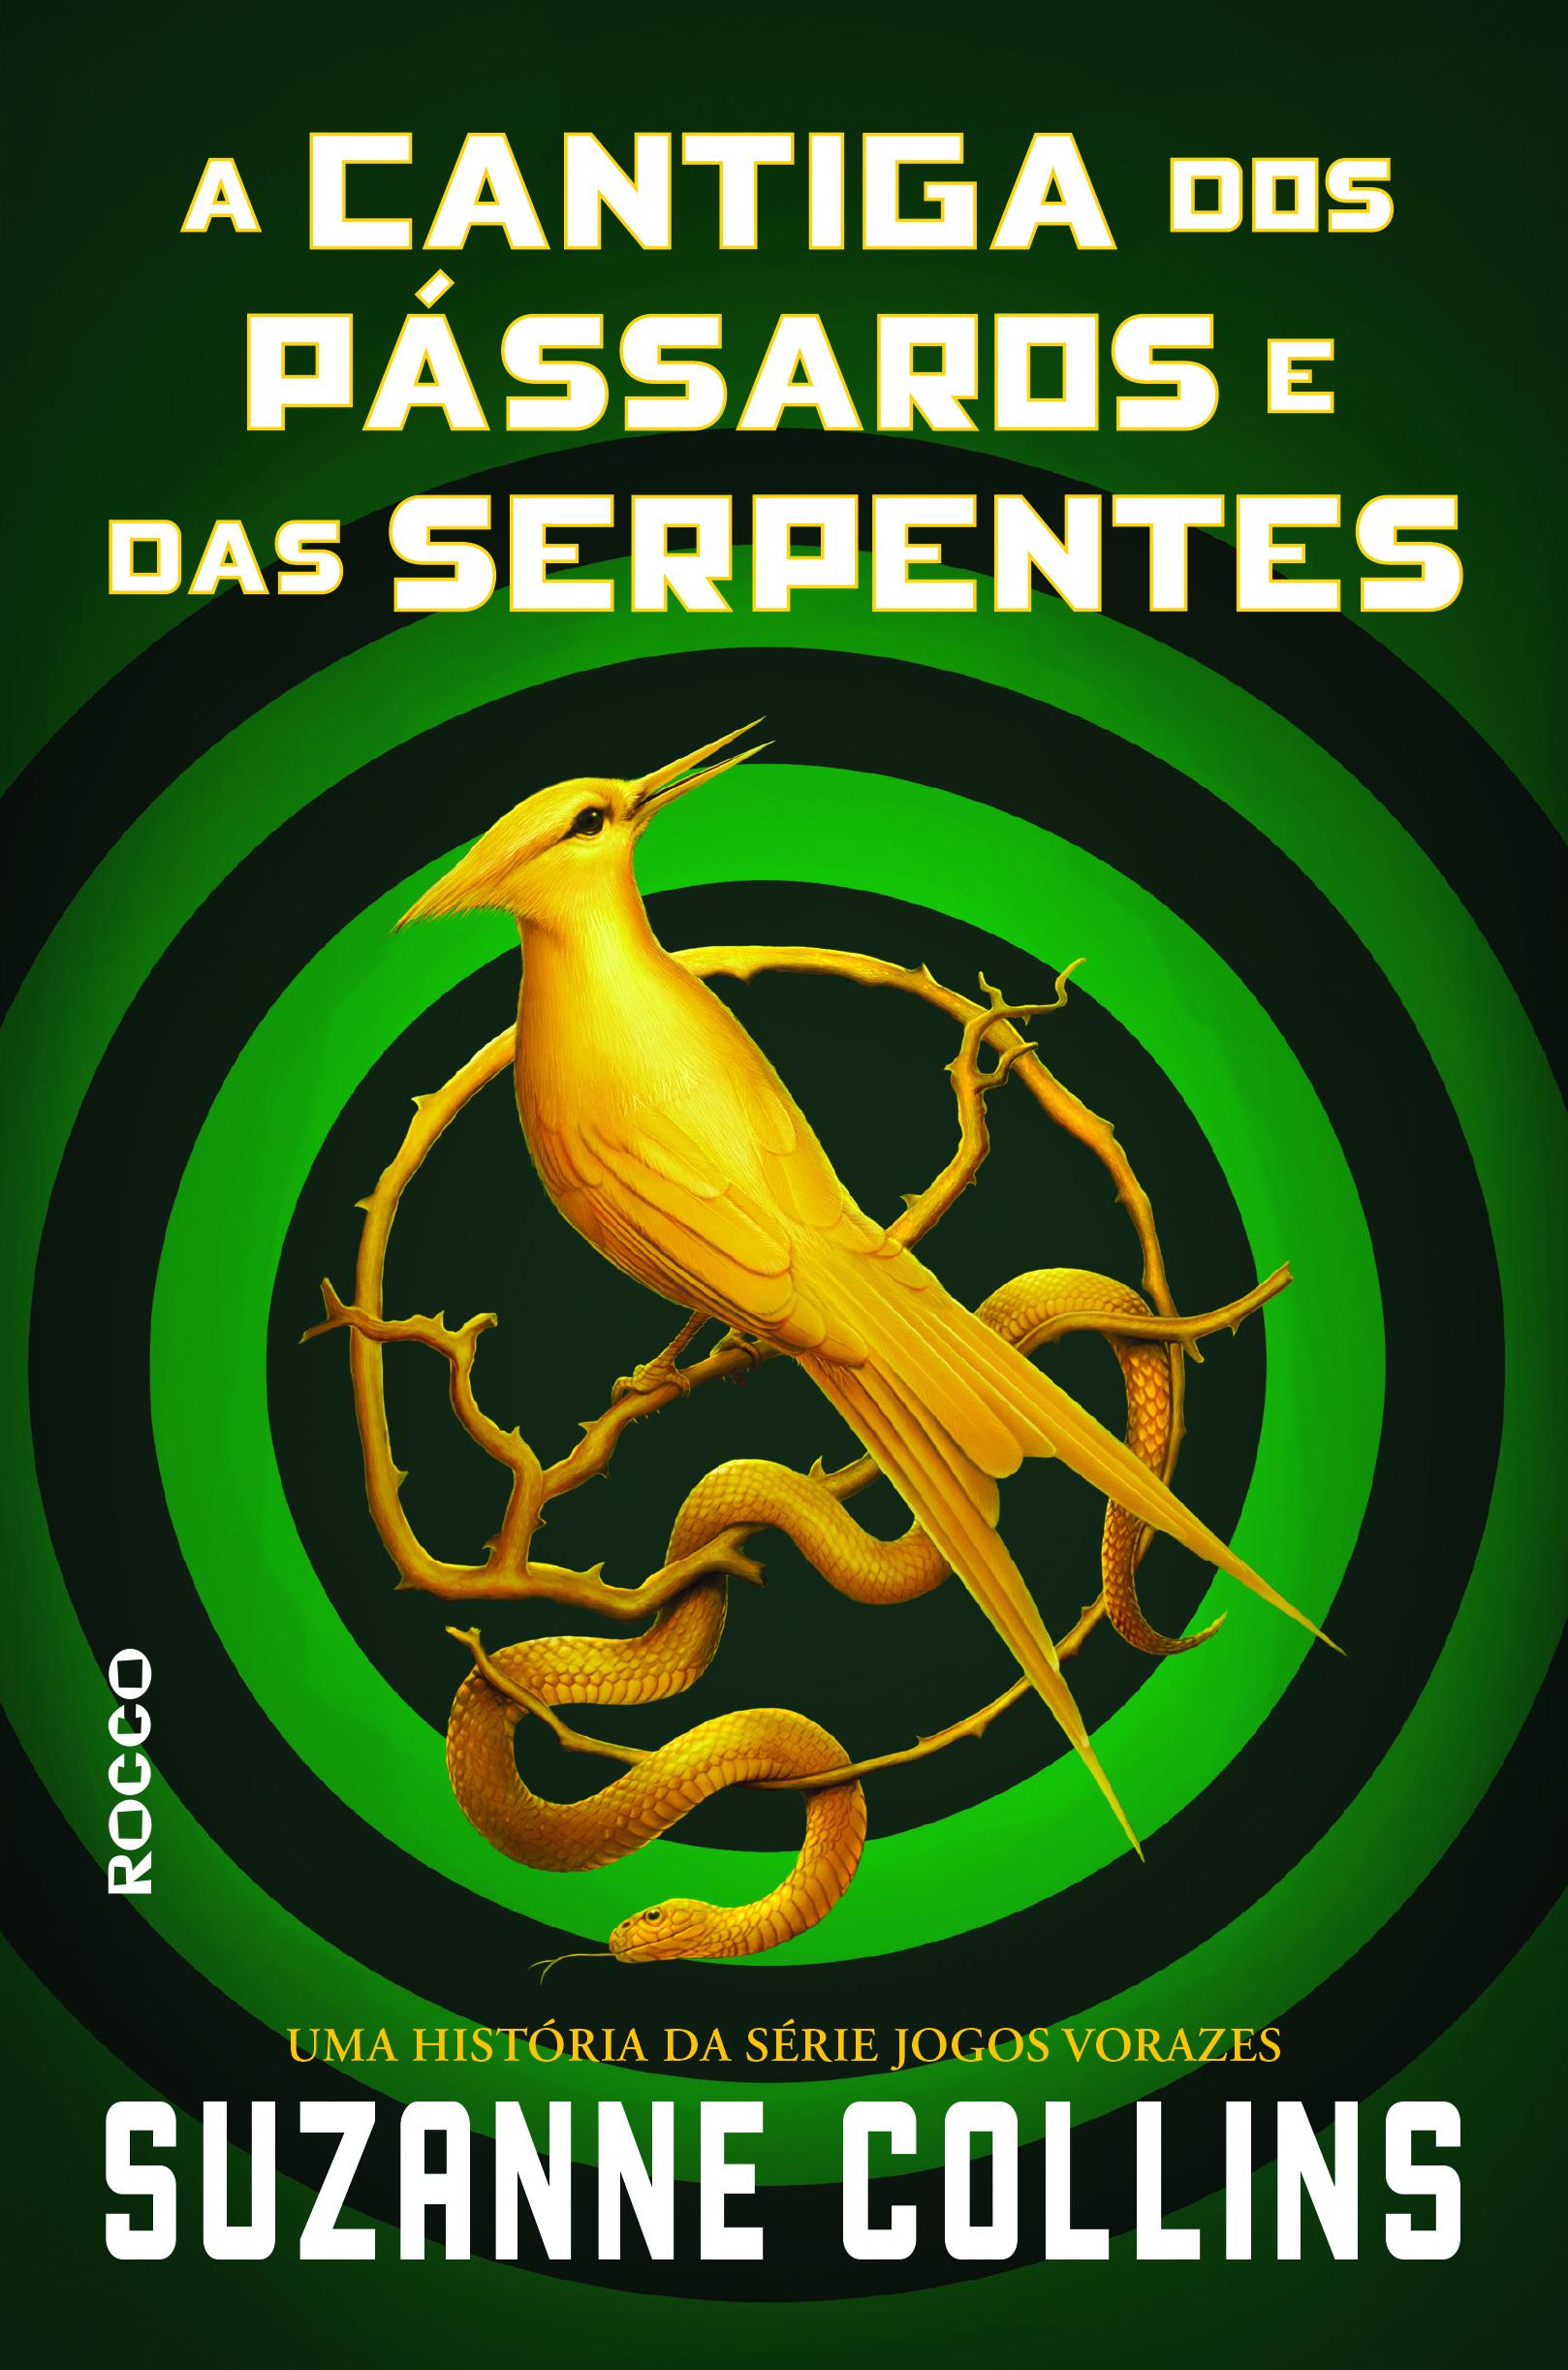 Novo livro da saga foi lançado há duas semanas